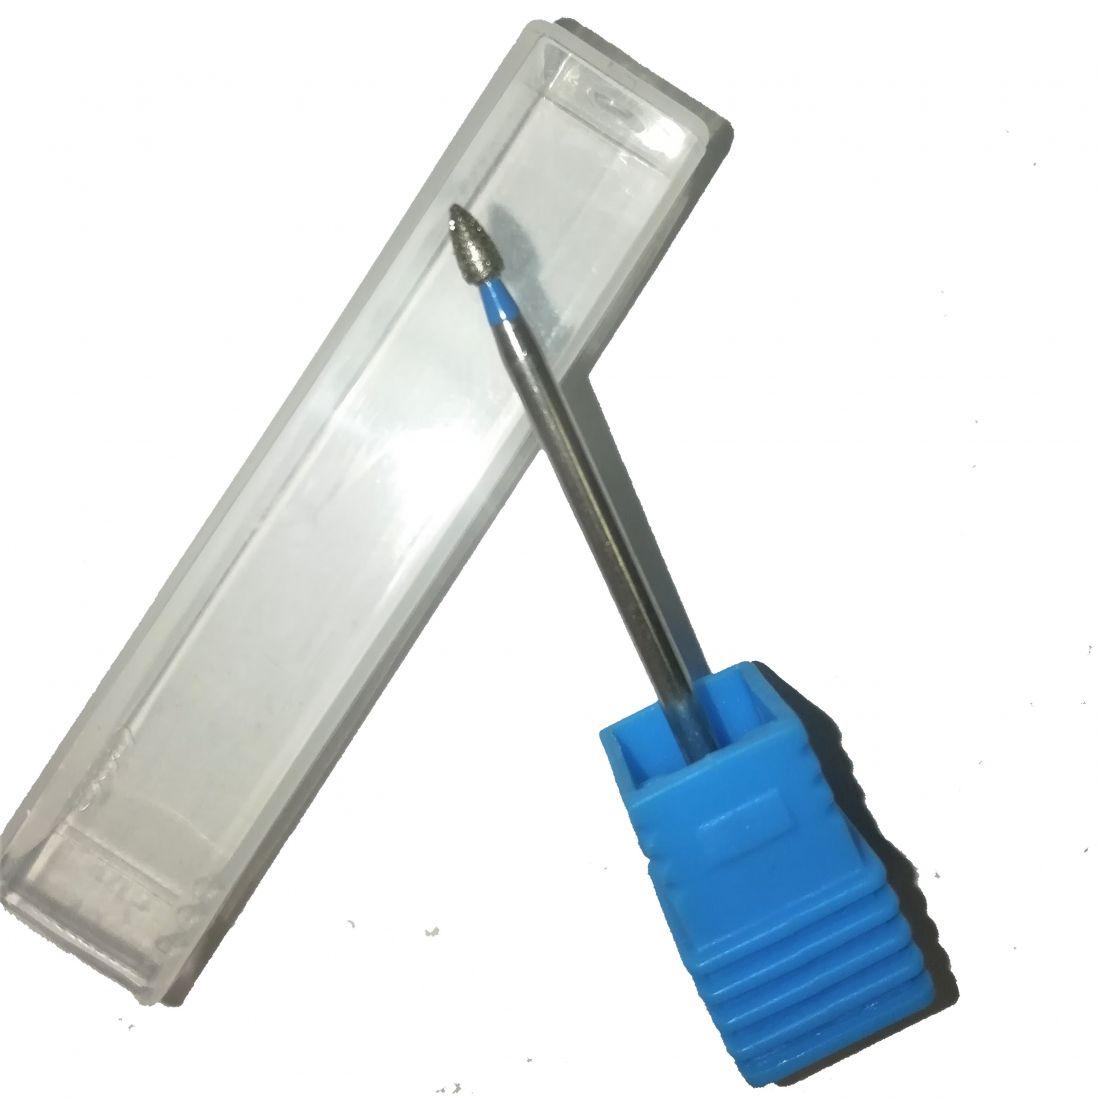 Алмазная фреза маленький конус синяя (2 мм) Арт. 84